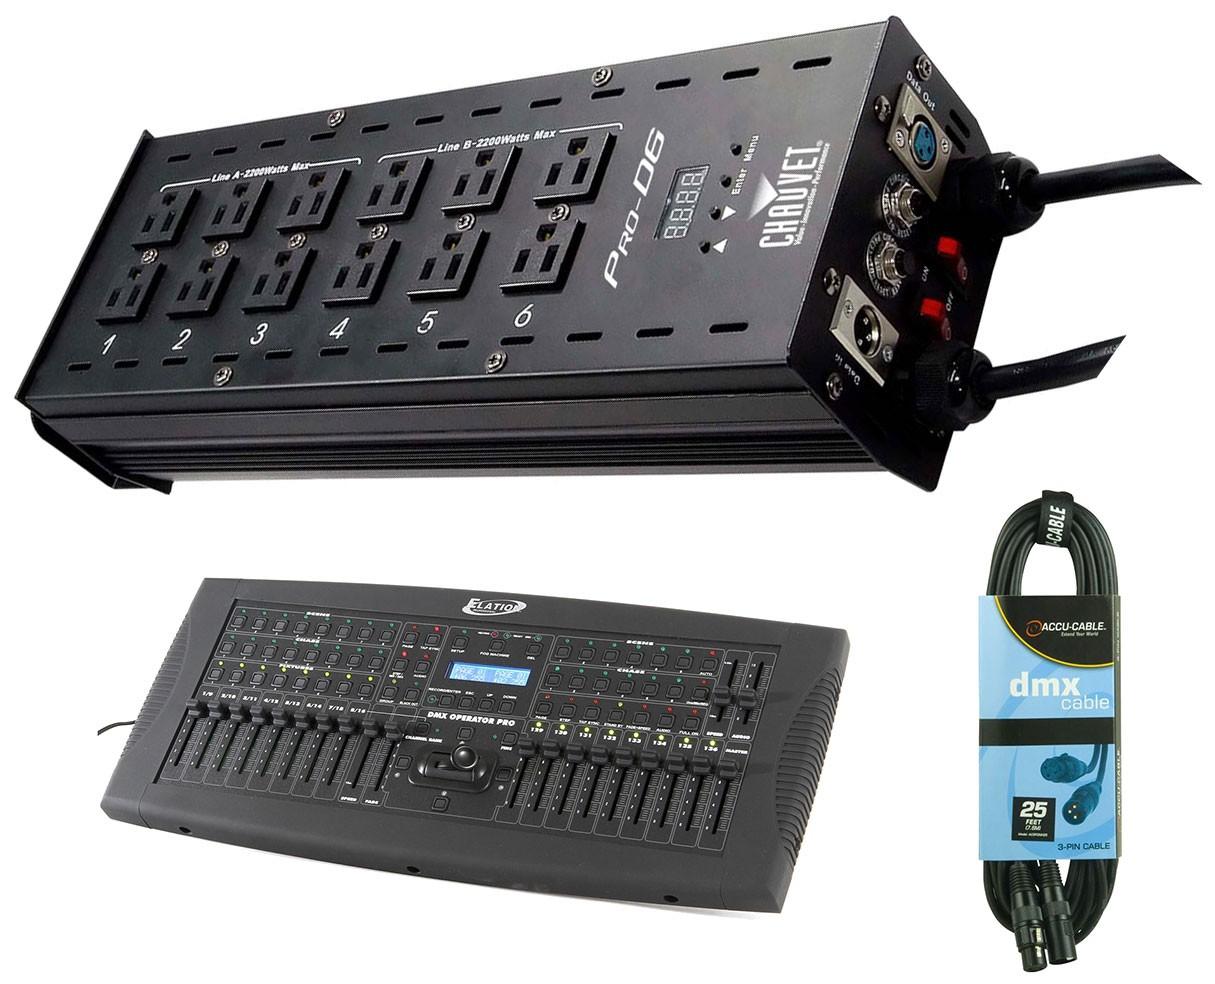 Chauvet Pro-D6 + DMX Operator Pro + Cable